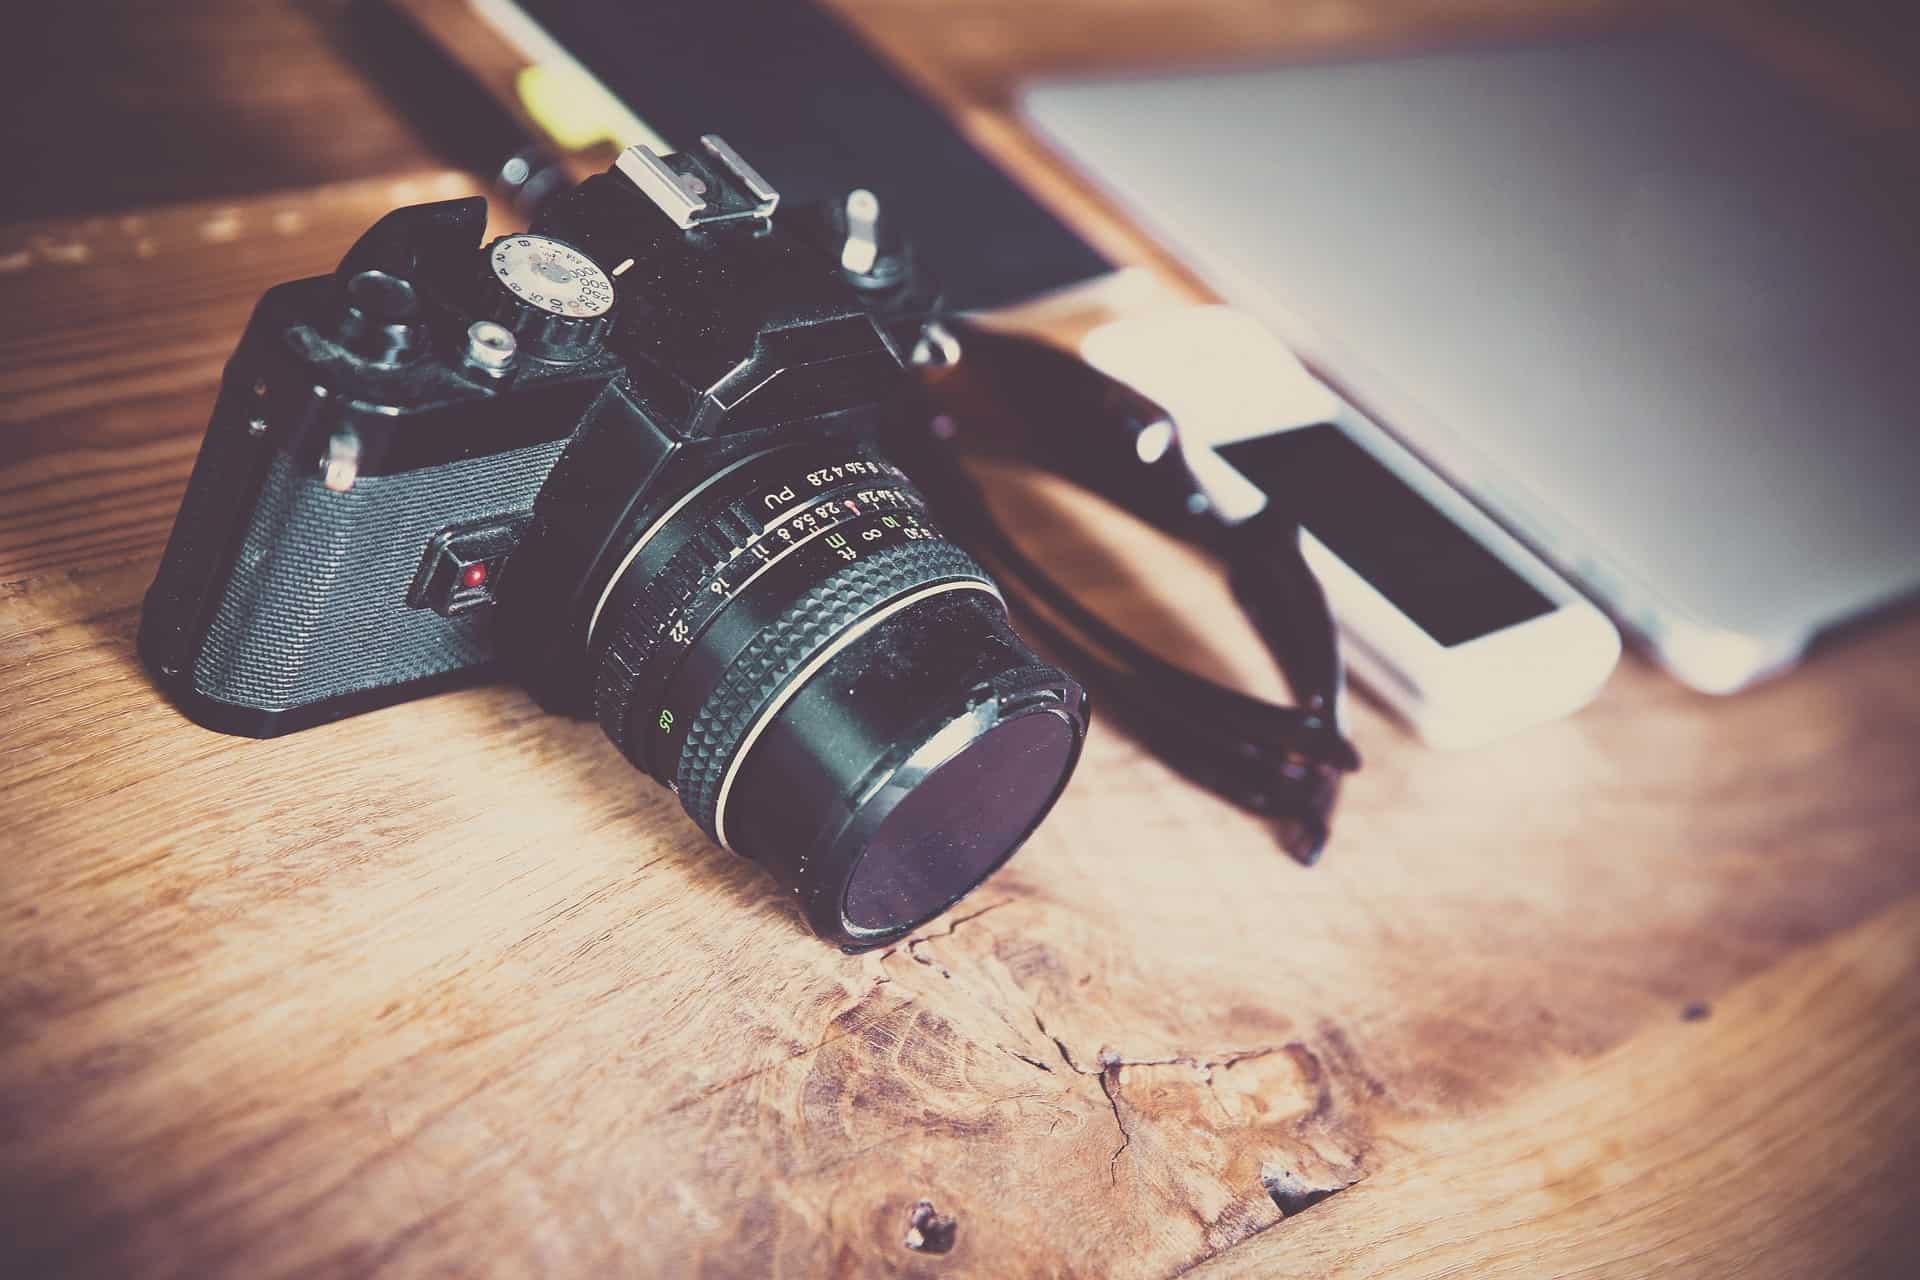 Kameratasche: Test & Empfehlungen (01/21)